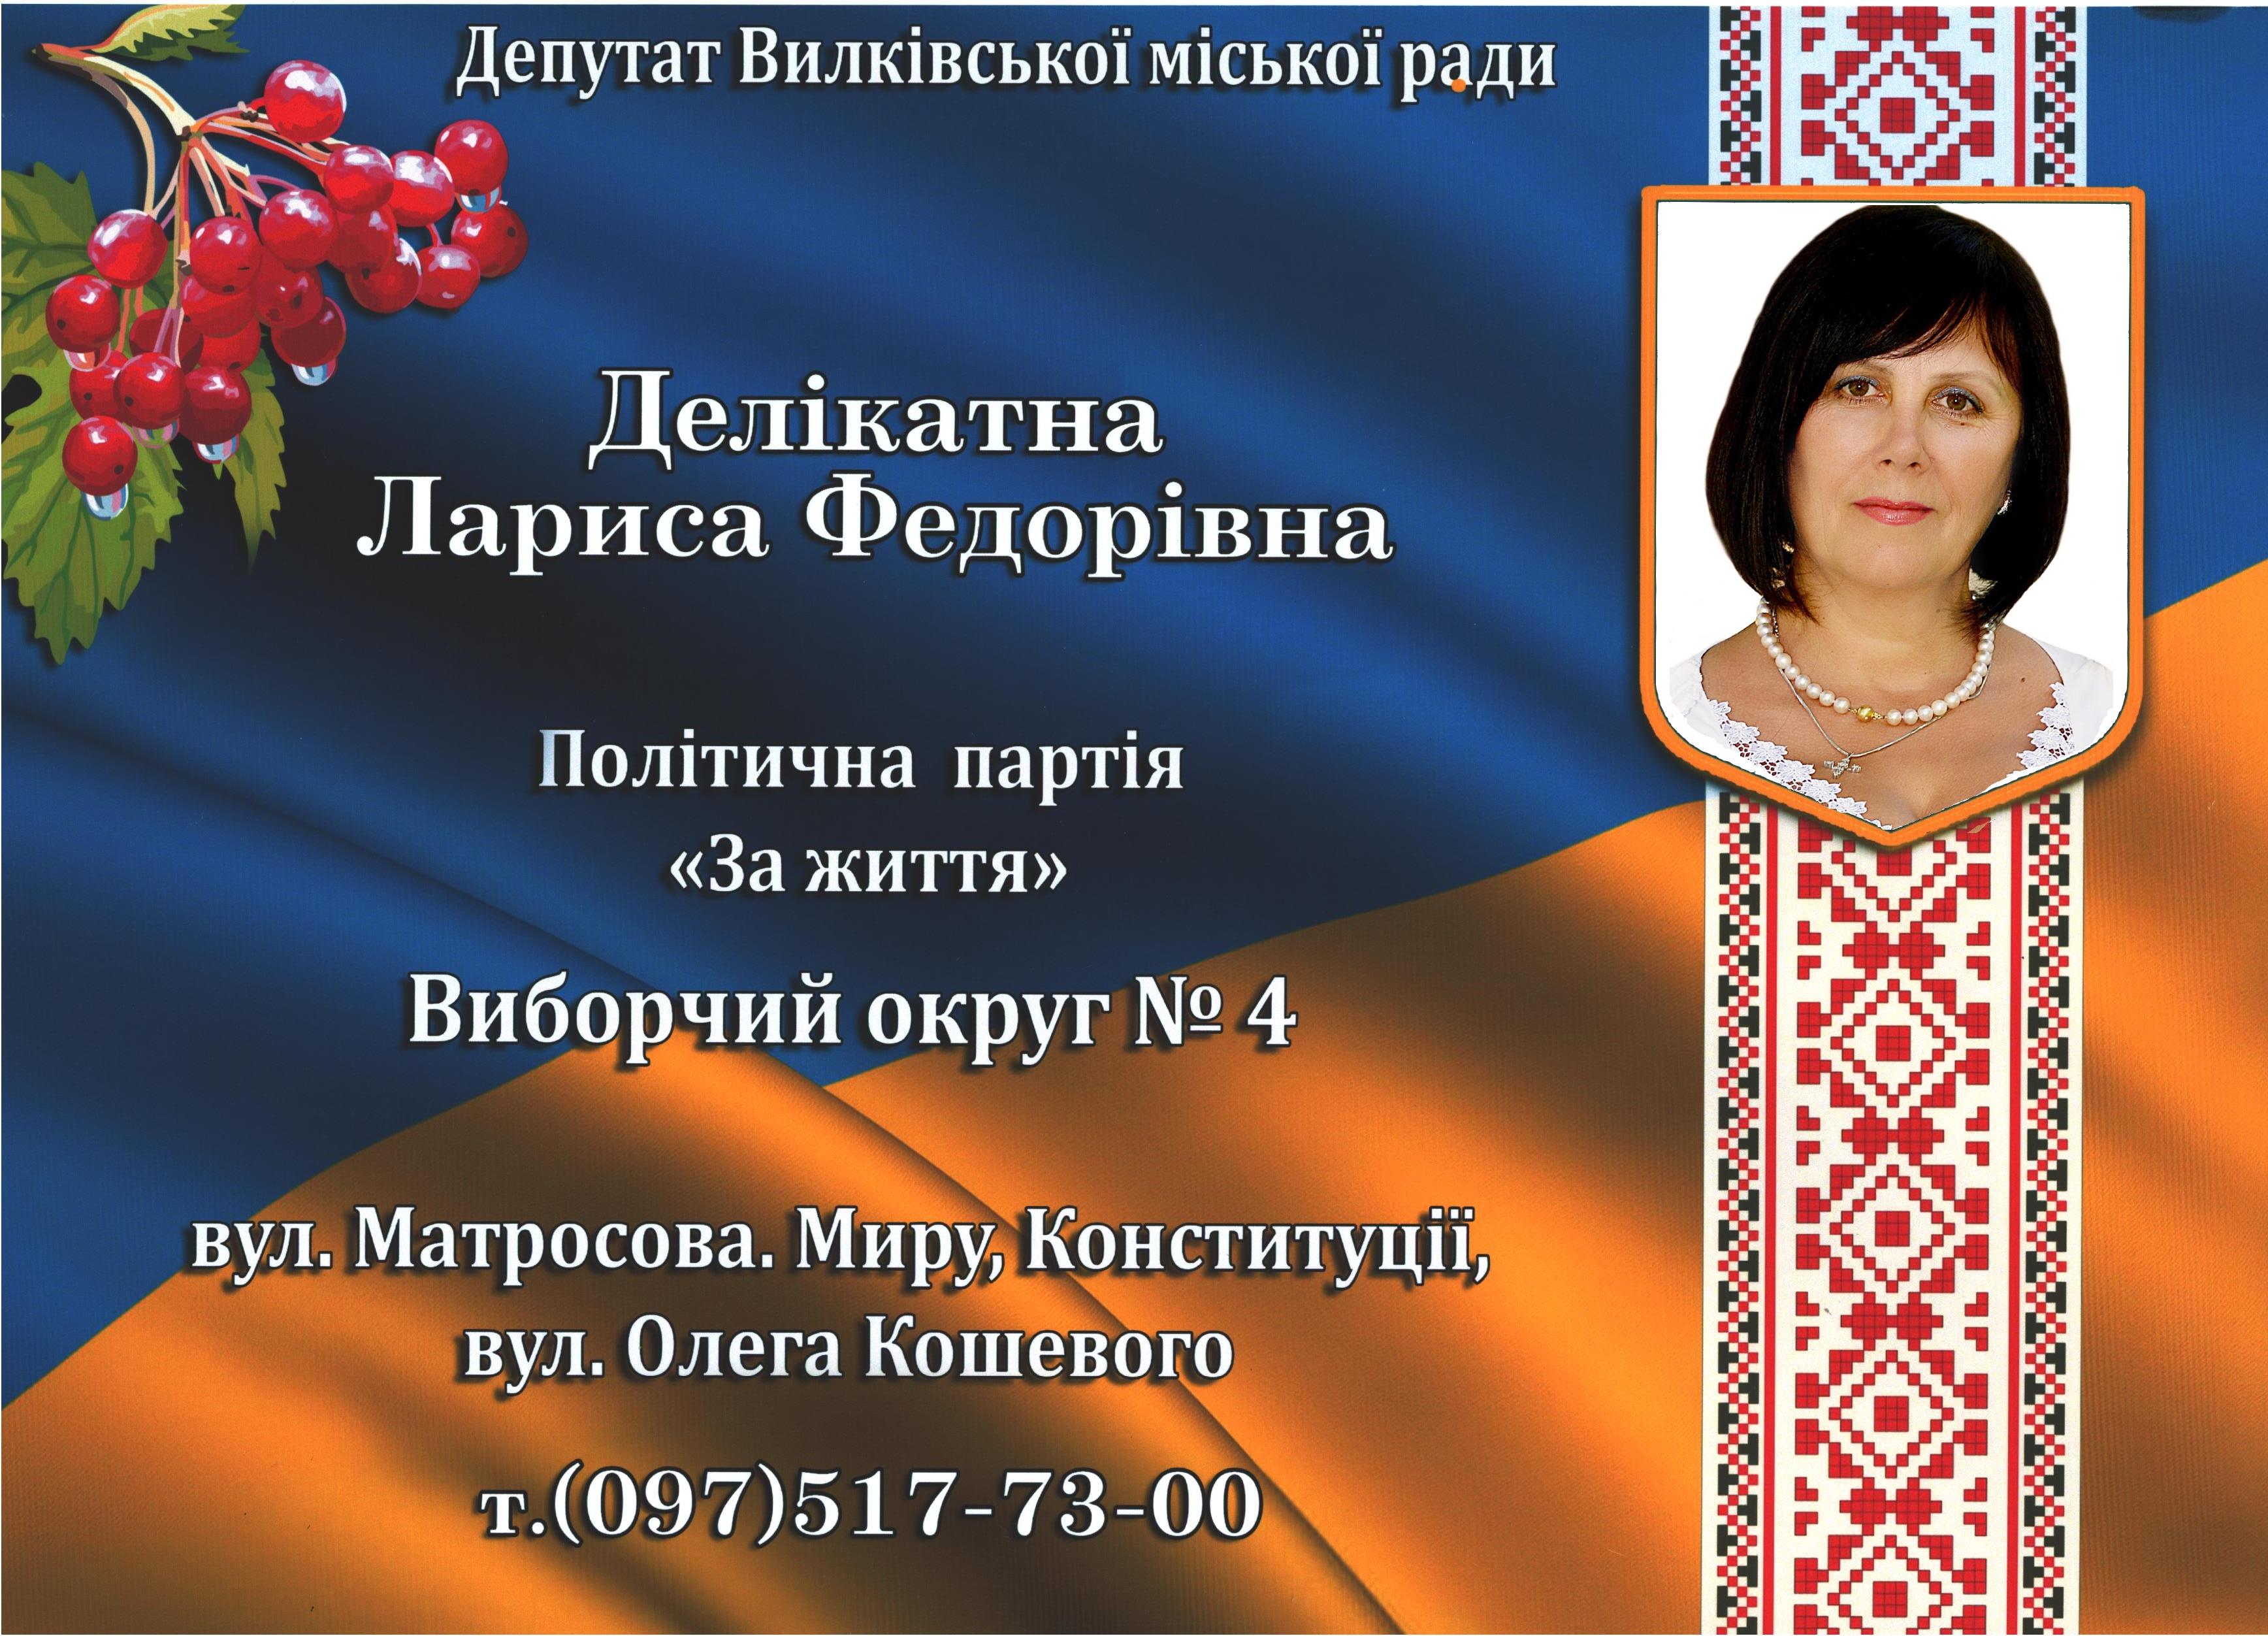 Делікатна Лариса Федорівна